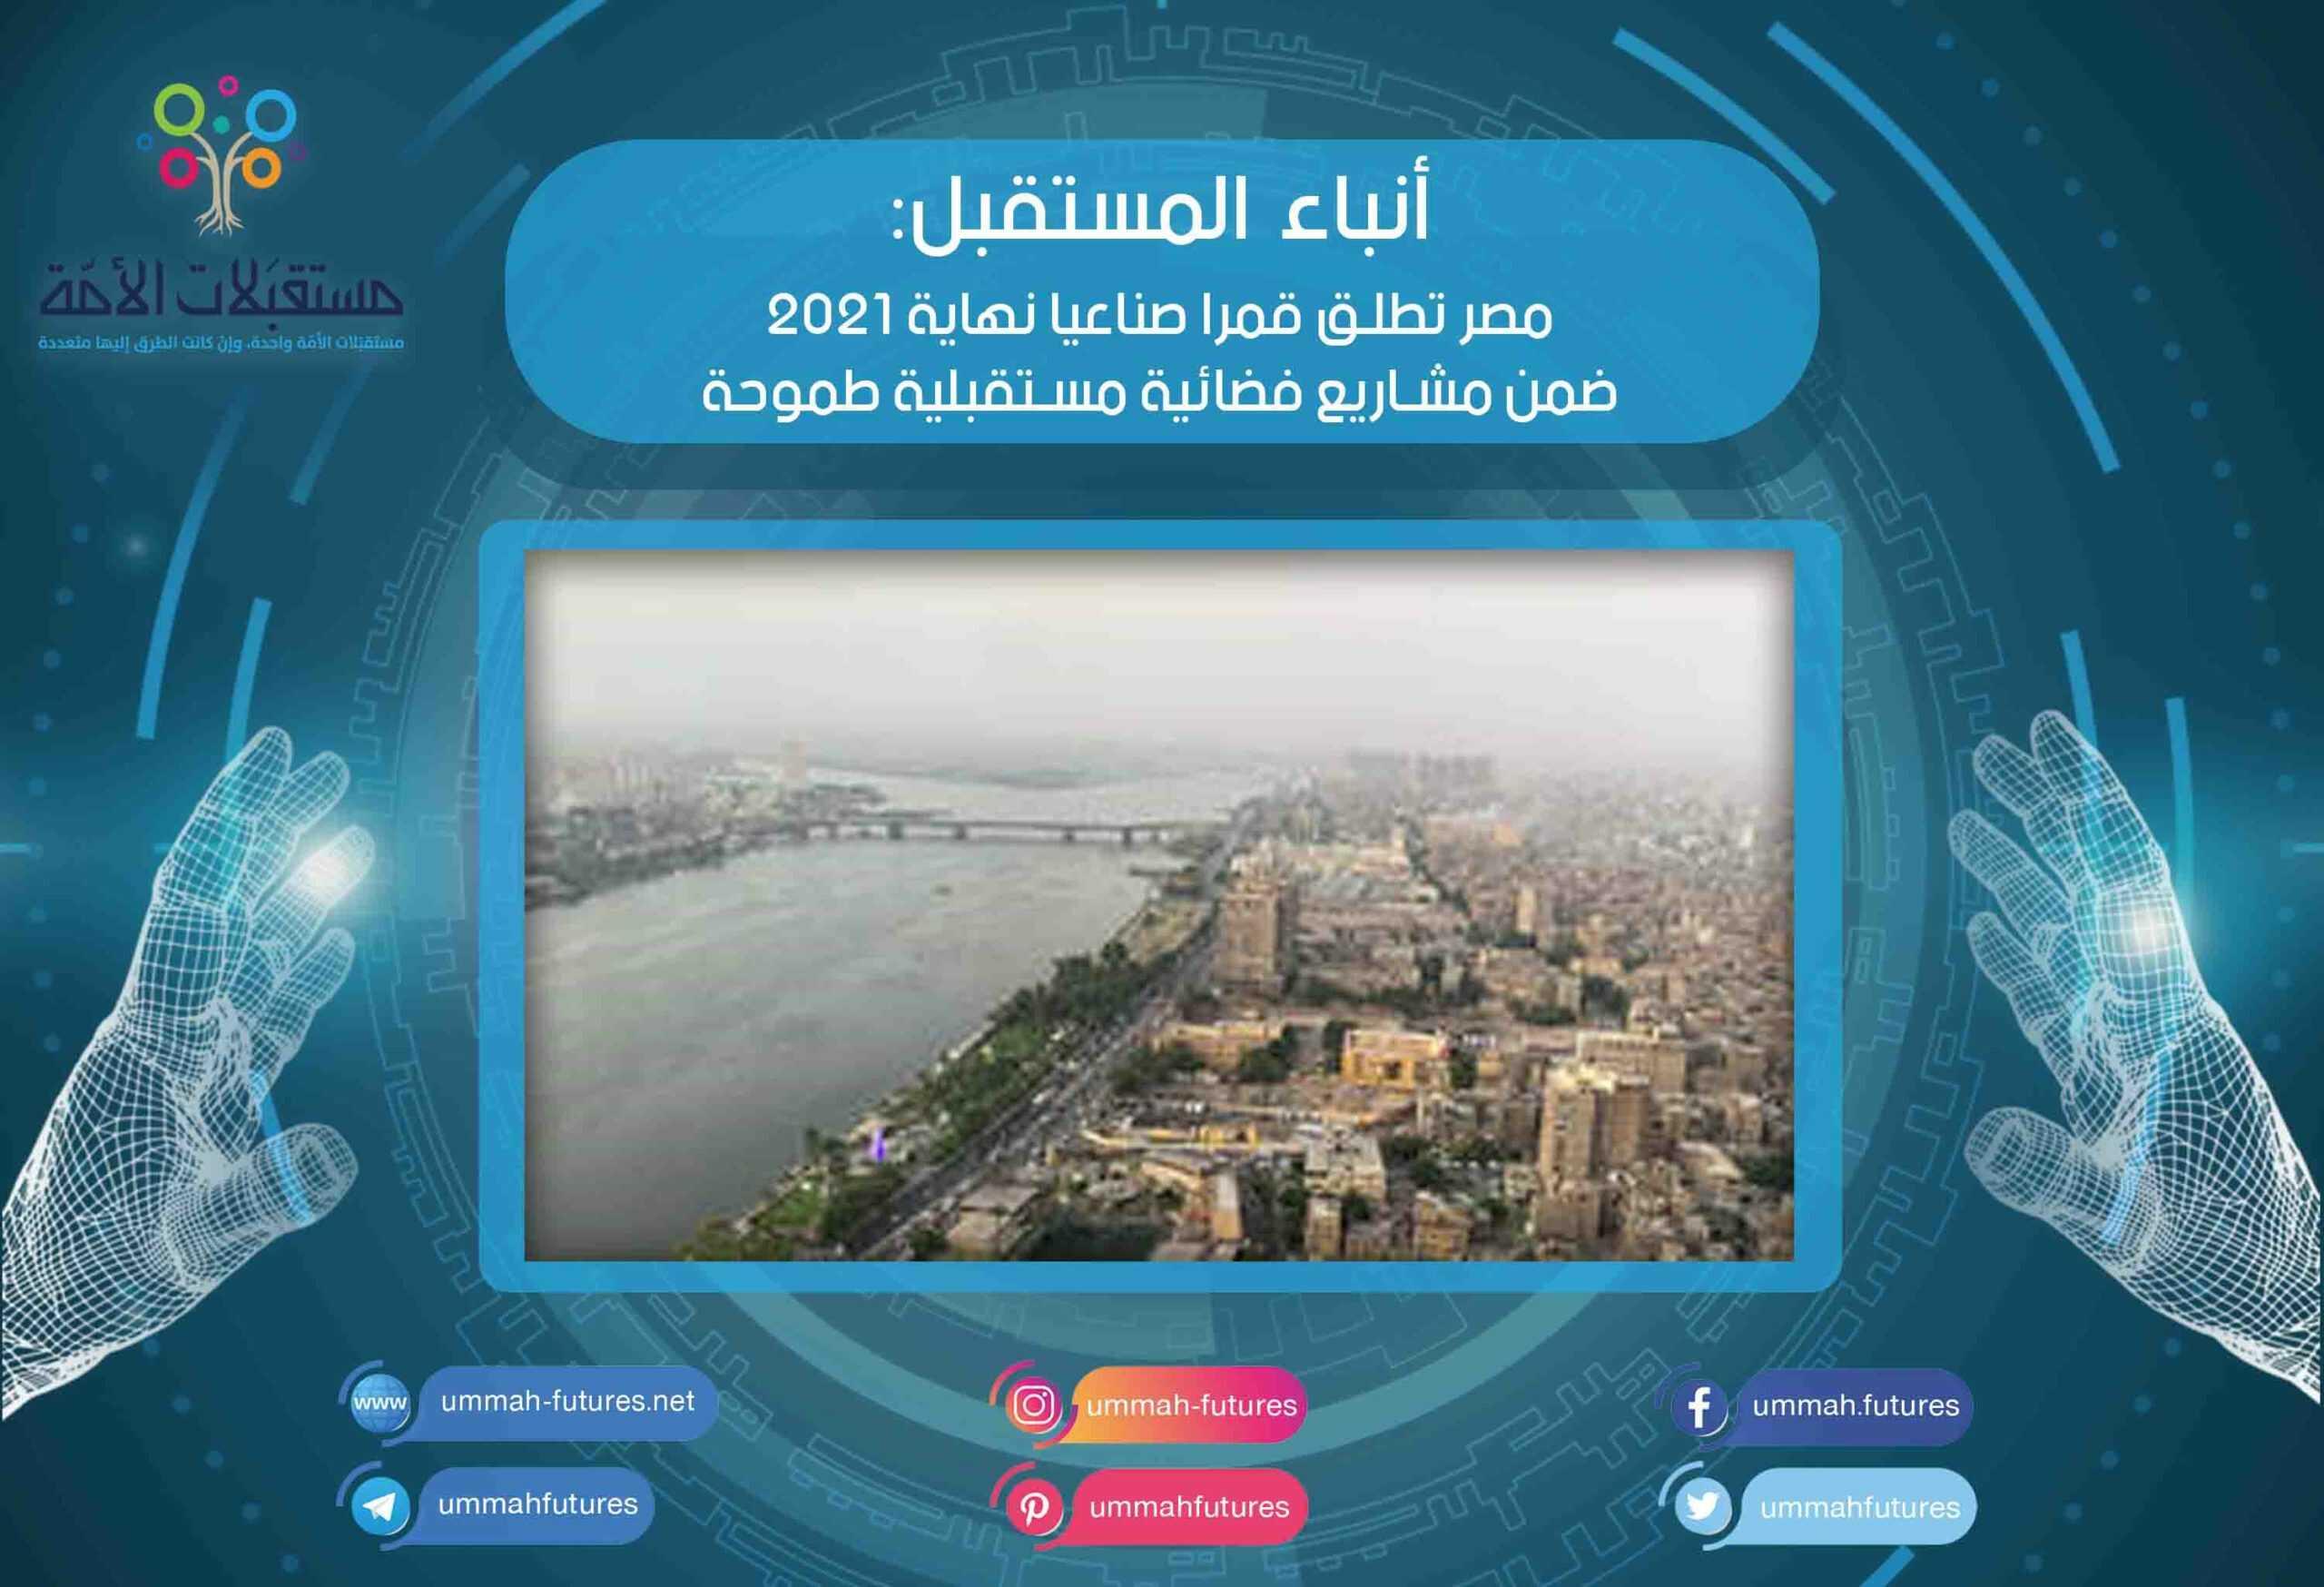 مصر تطلق قمرا صناعيا نهاية 2021 ضمن مشاريع فضائية مستقبلية طموحة